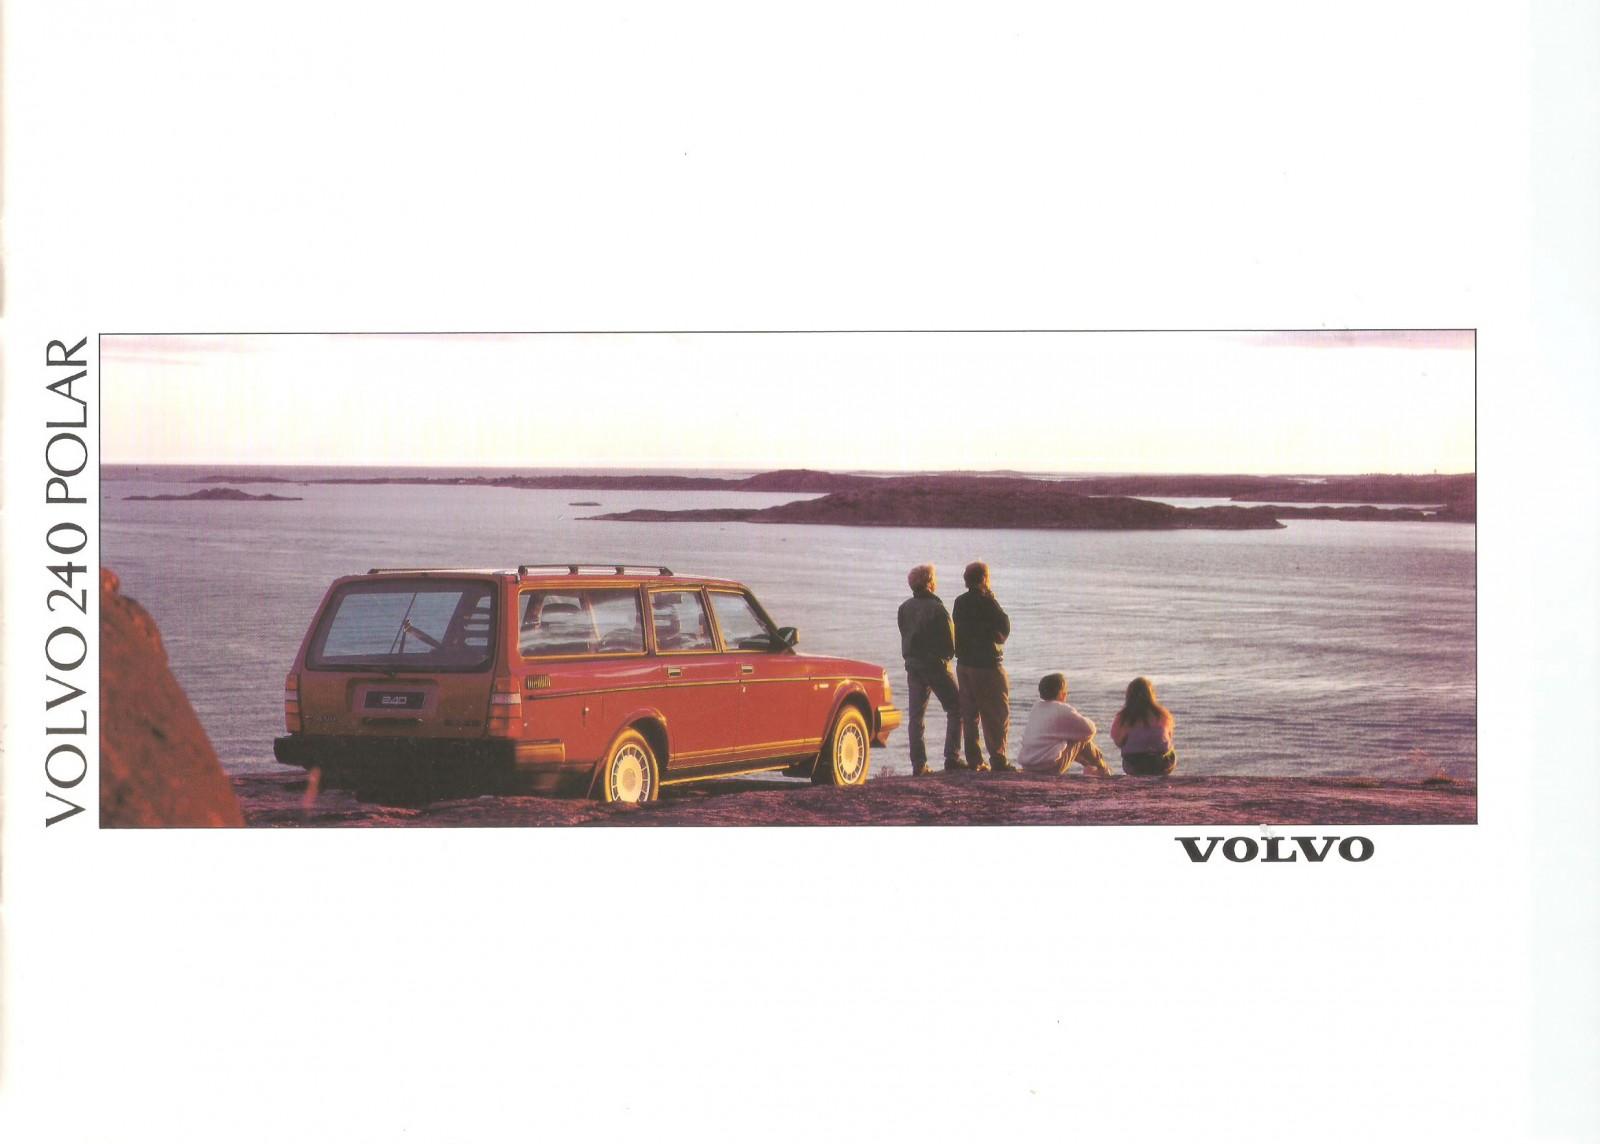 Svensk vy på omslaget till  den italienska 240 Polar-broschyren.